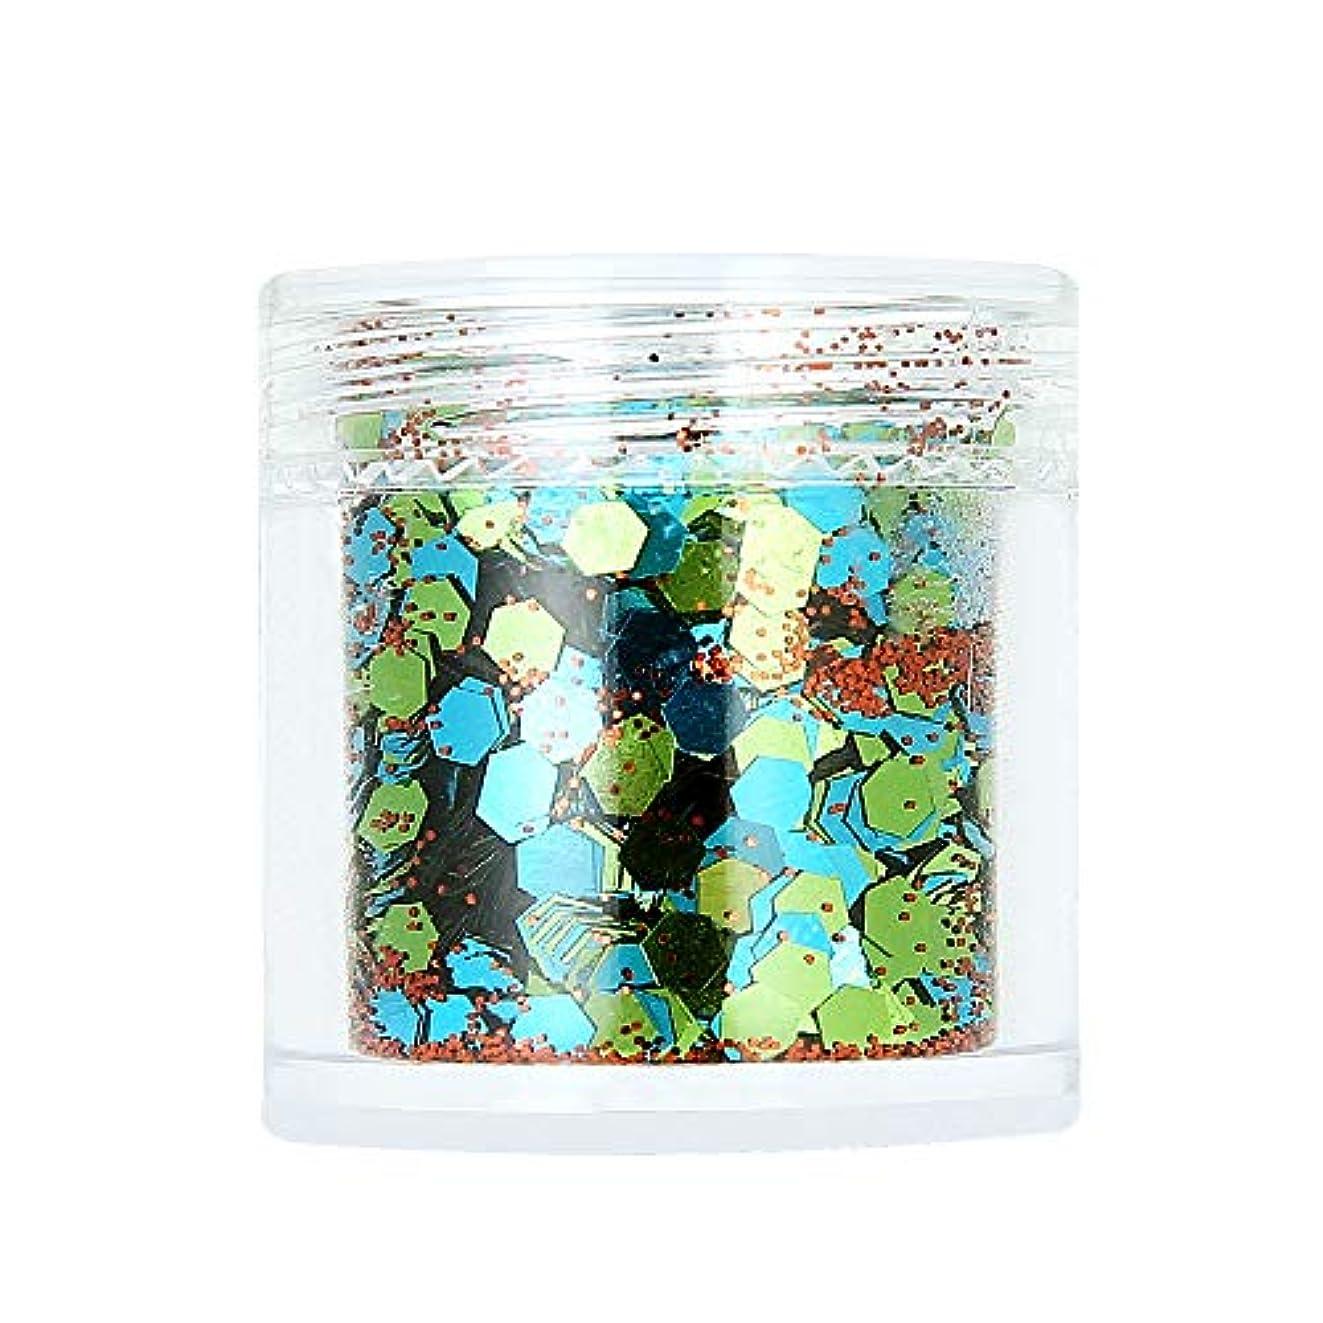 5ボトルルーススパンコールパウダーフェイスボディグリッターパレットネイルアートの装飾メイク